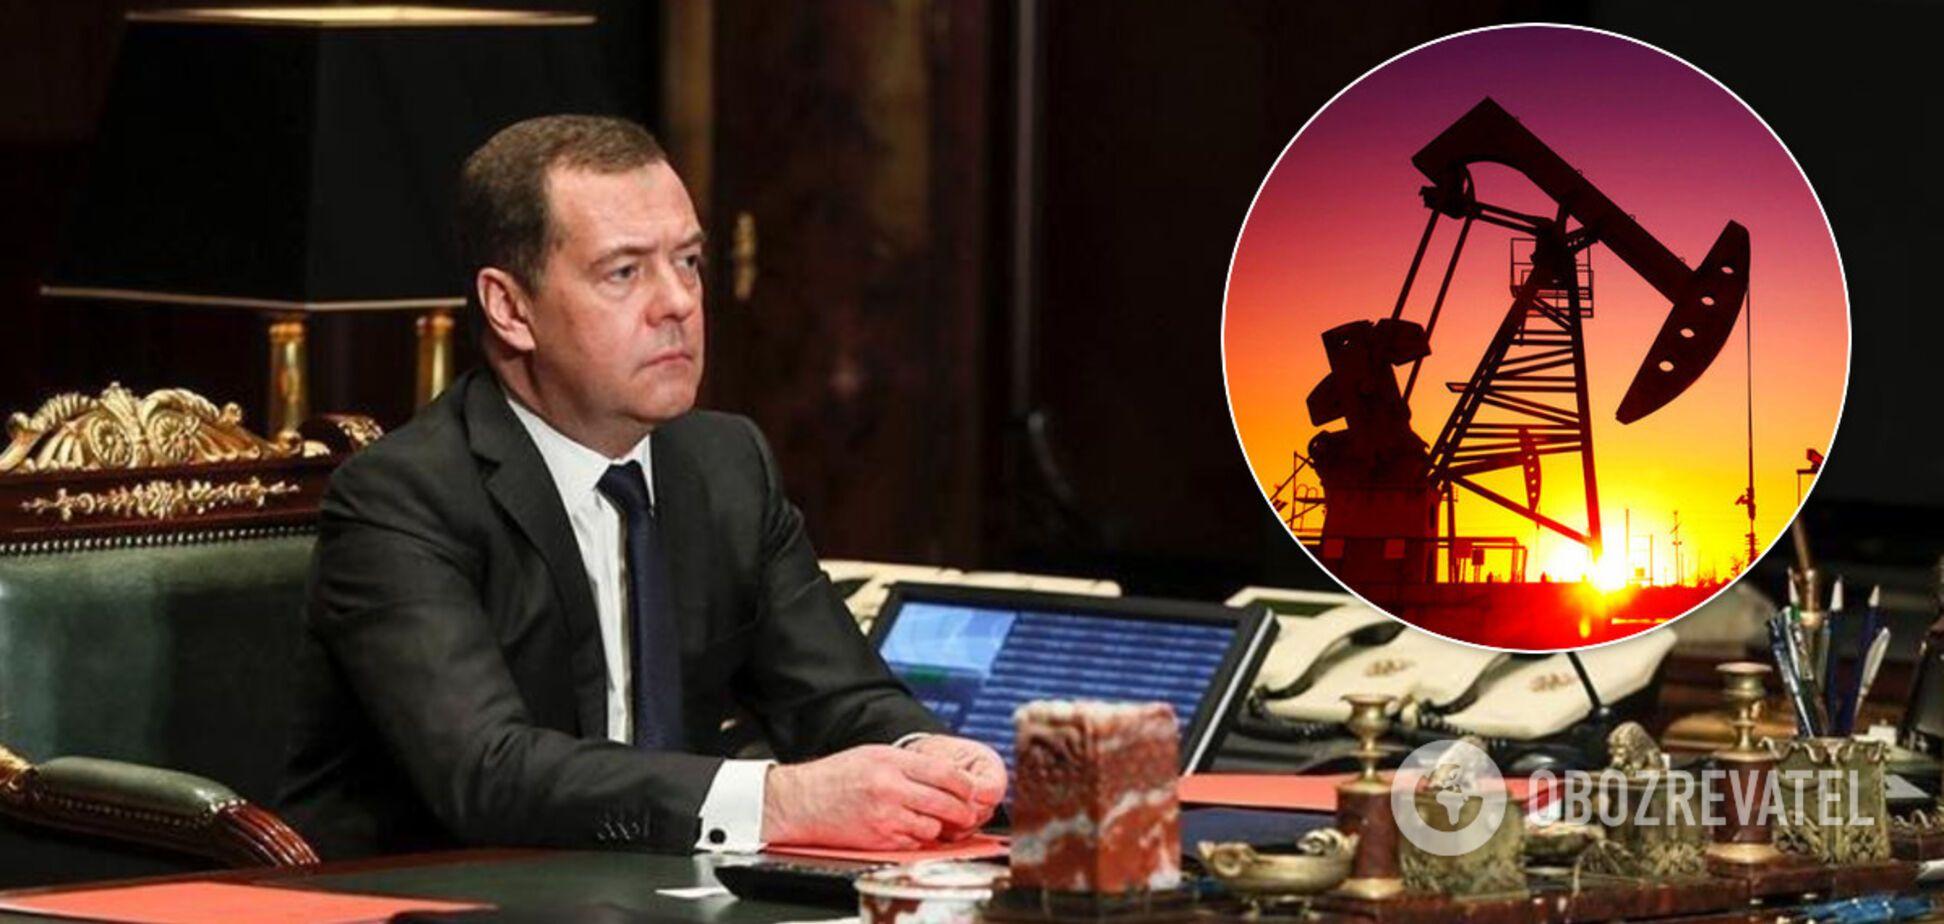 Медведєв назвав обвал вартості нафти картельною змовою. Джерело: колаж